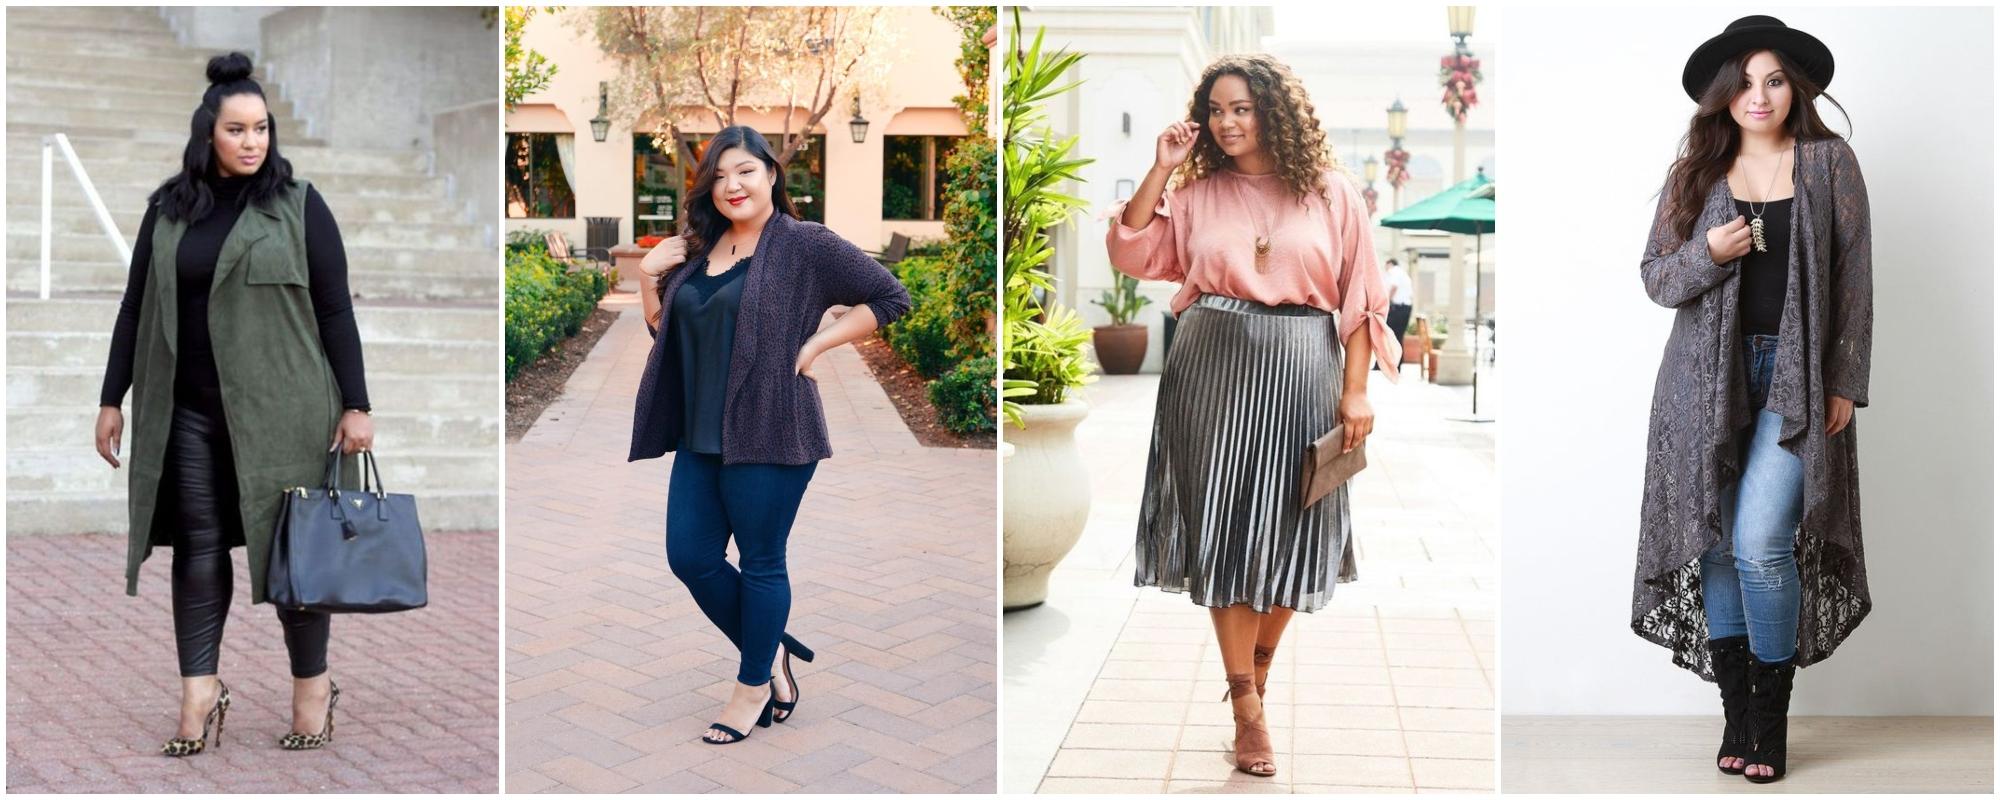 Moda para gordinhas: 6 dicas de looks plus size